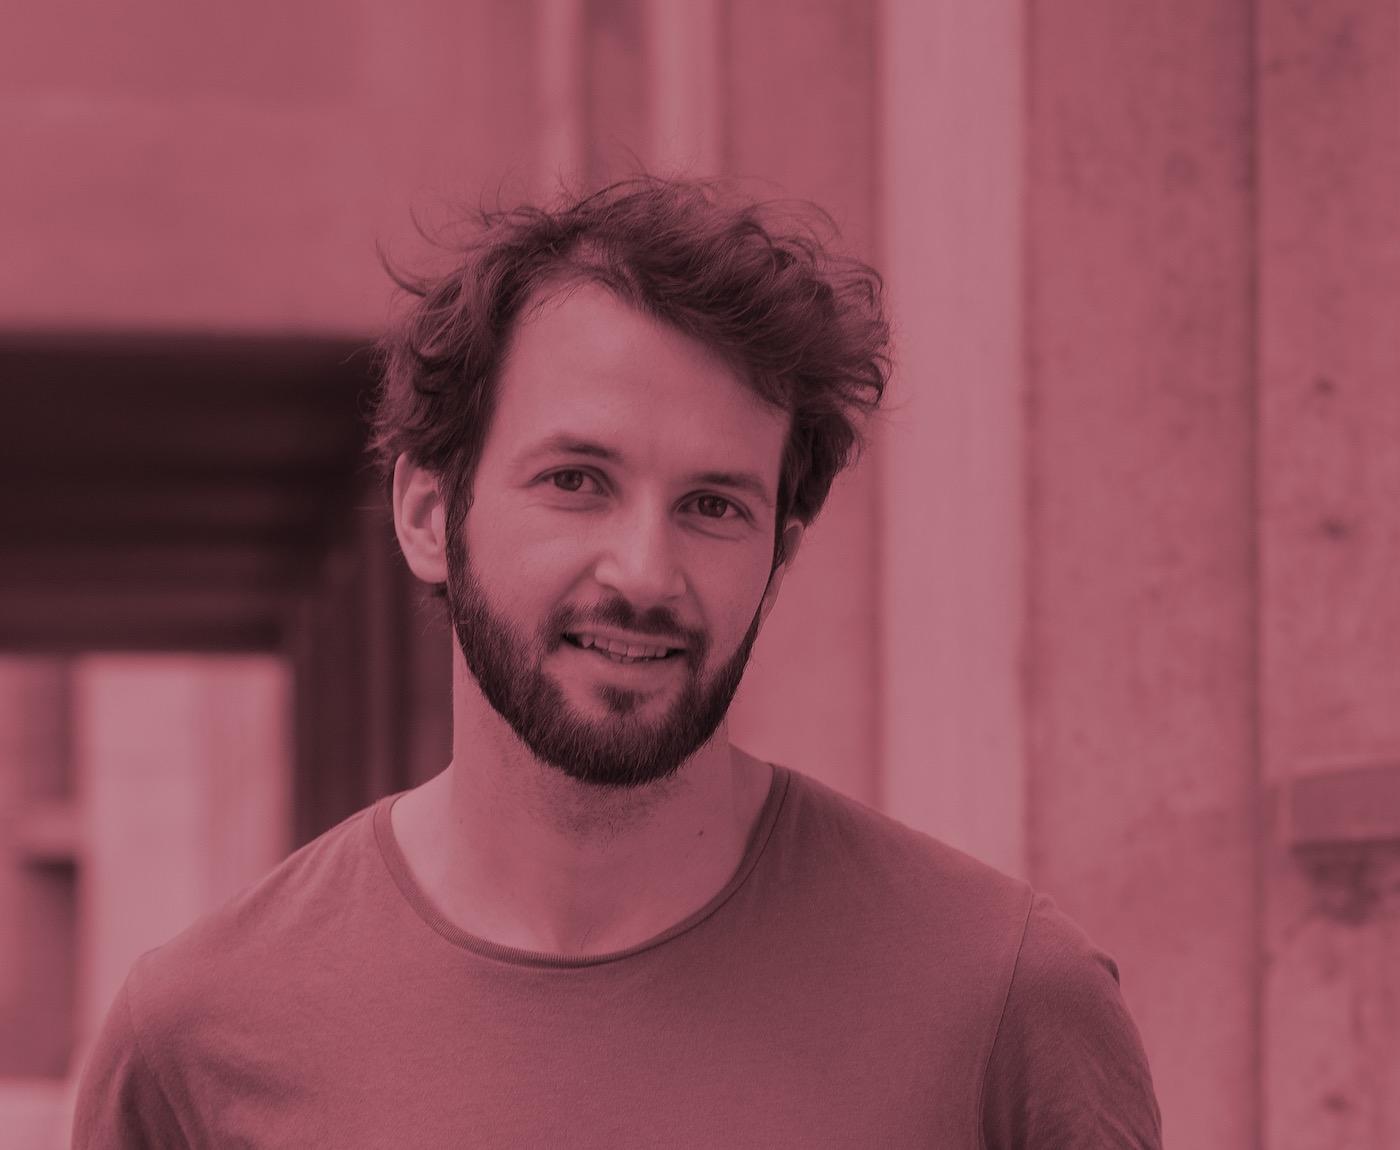 """Stefan Theißbacher: """"Ich möchte meine Zeit, meine Energie, mein Geld in etwas investieren, an das ich glaube."""""""